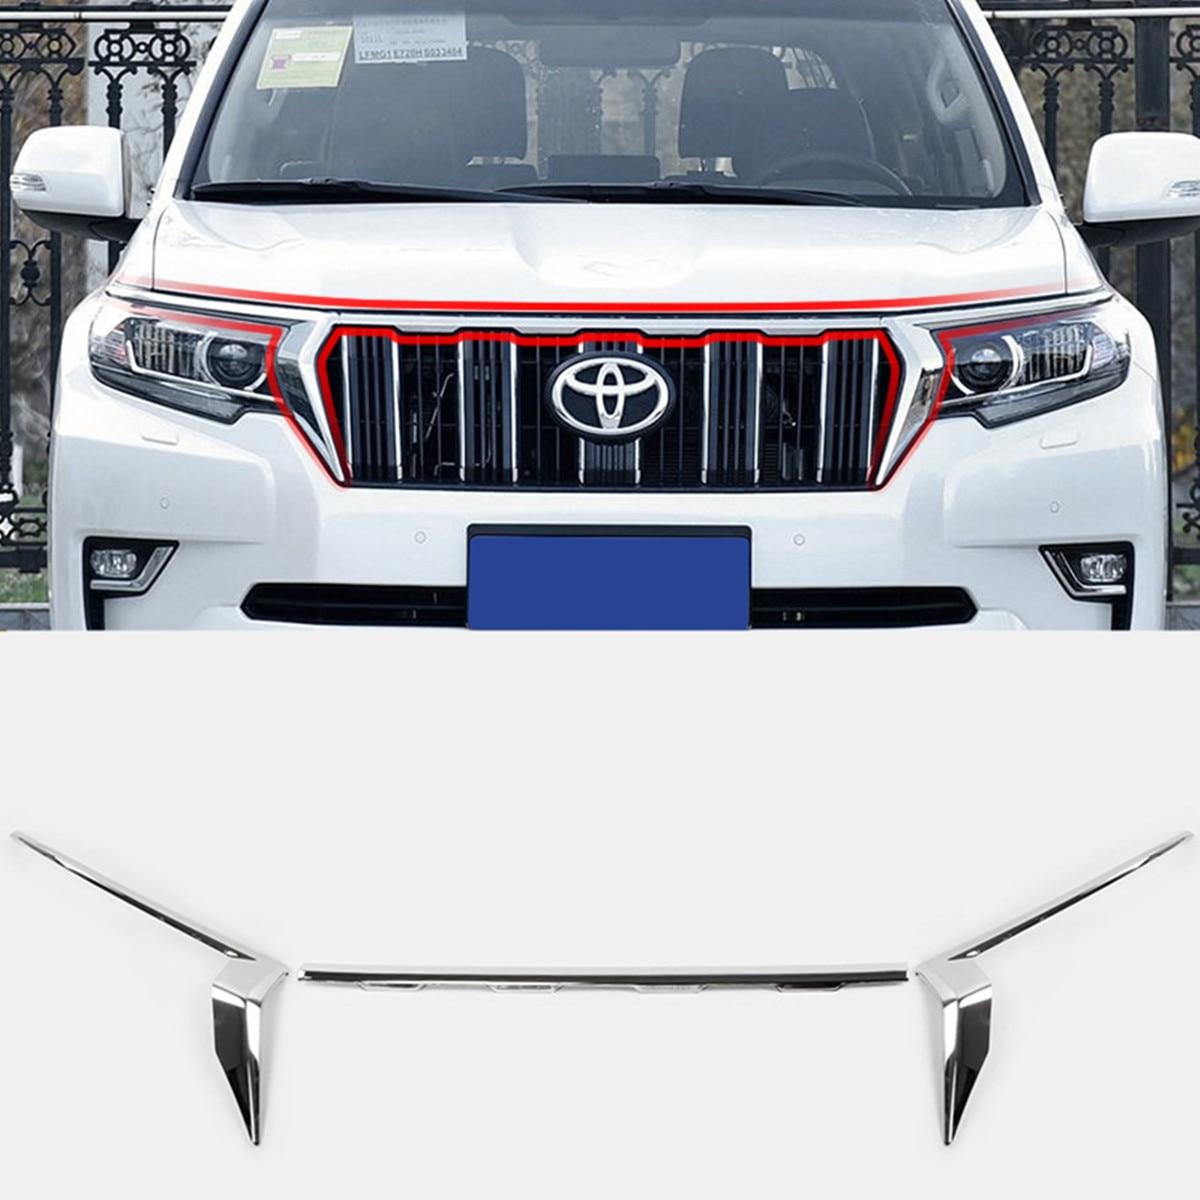 Chrome ABS avant Center maille phare sourcil garniture bande couverture pour Toyota Land Cruiser Prado 150 FJ150 2018 bas modèle